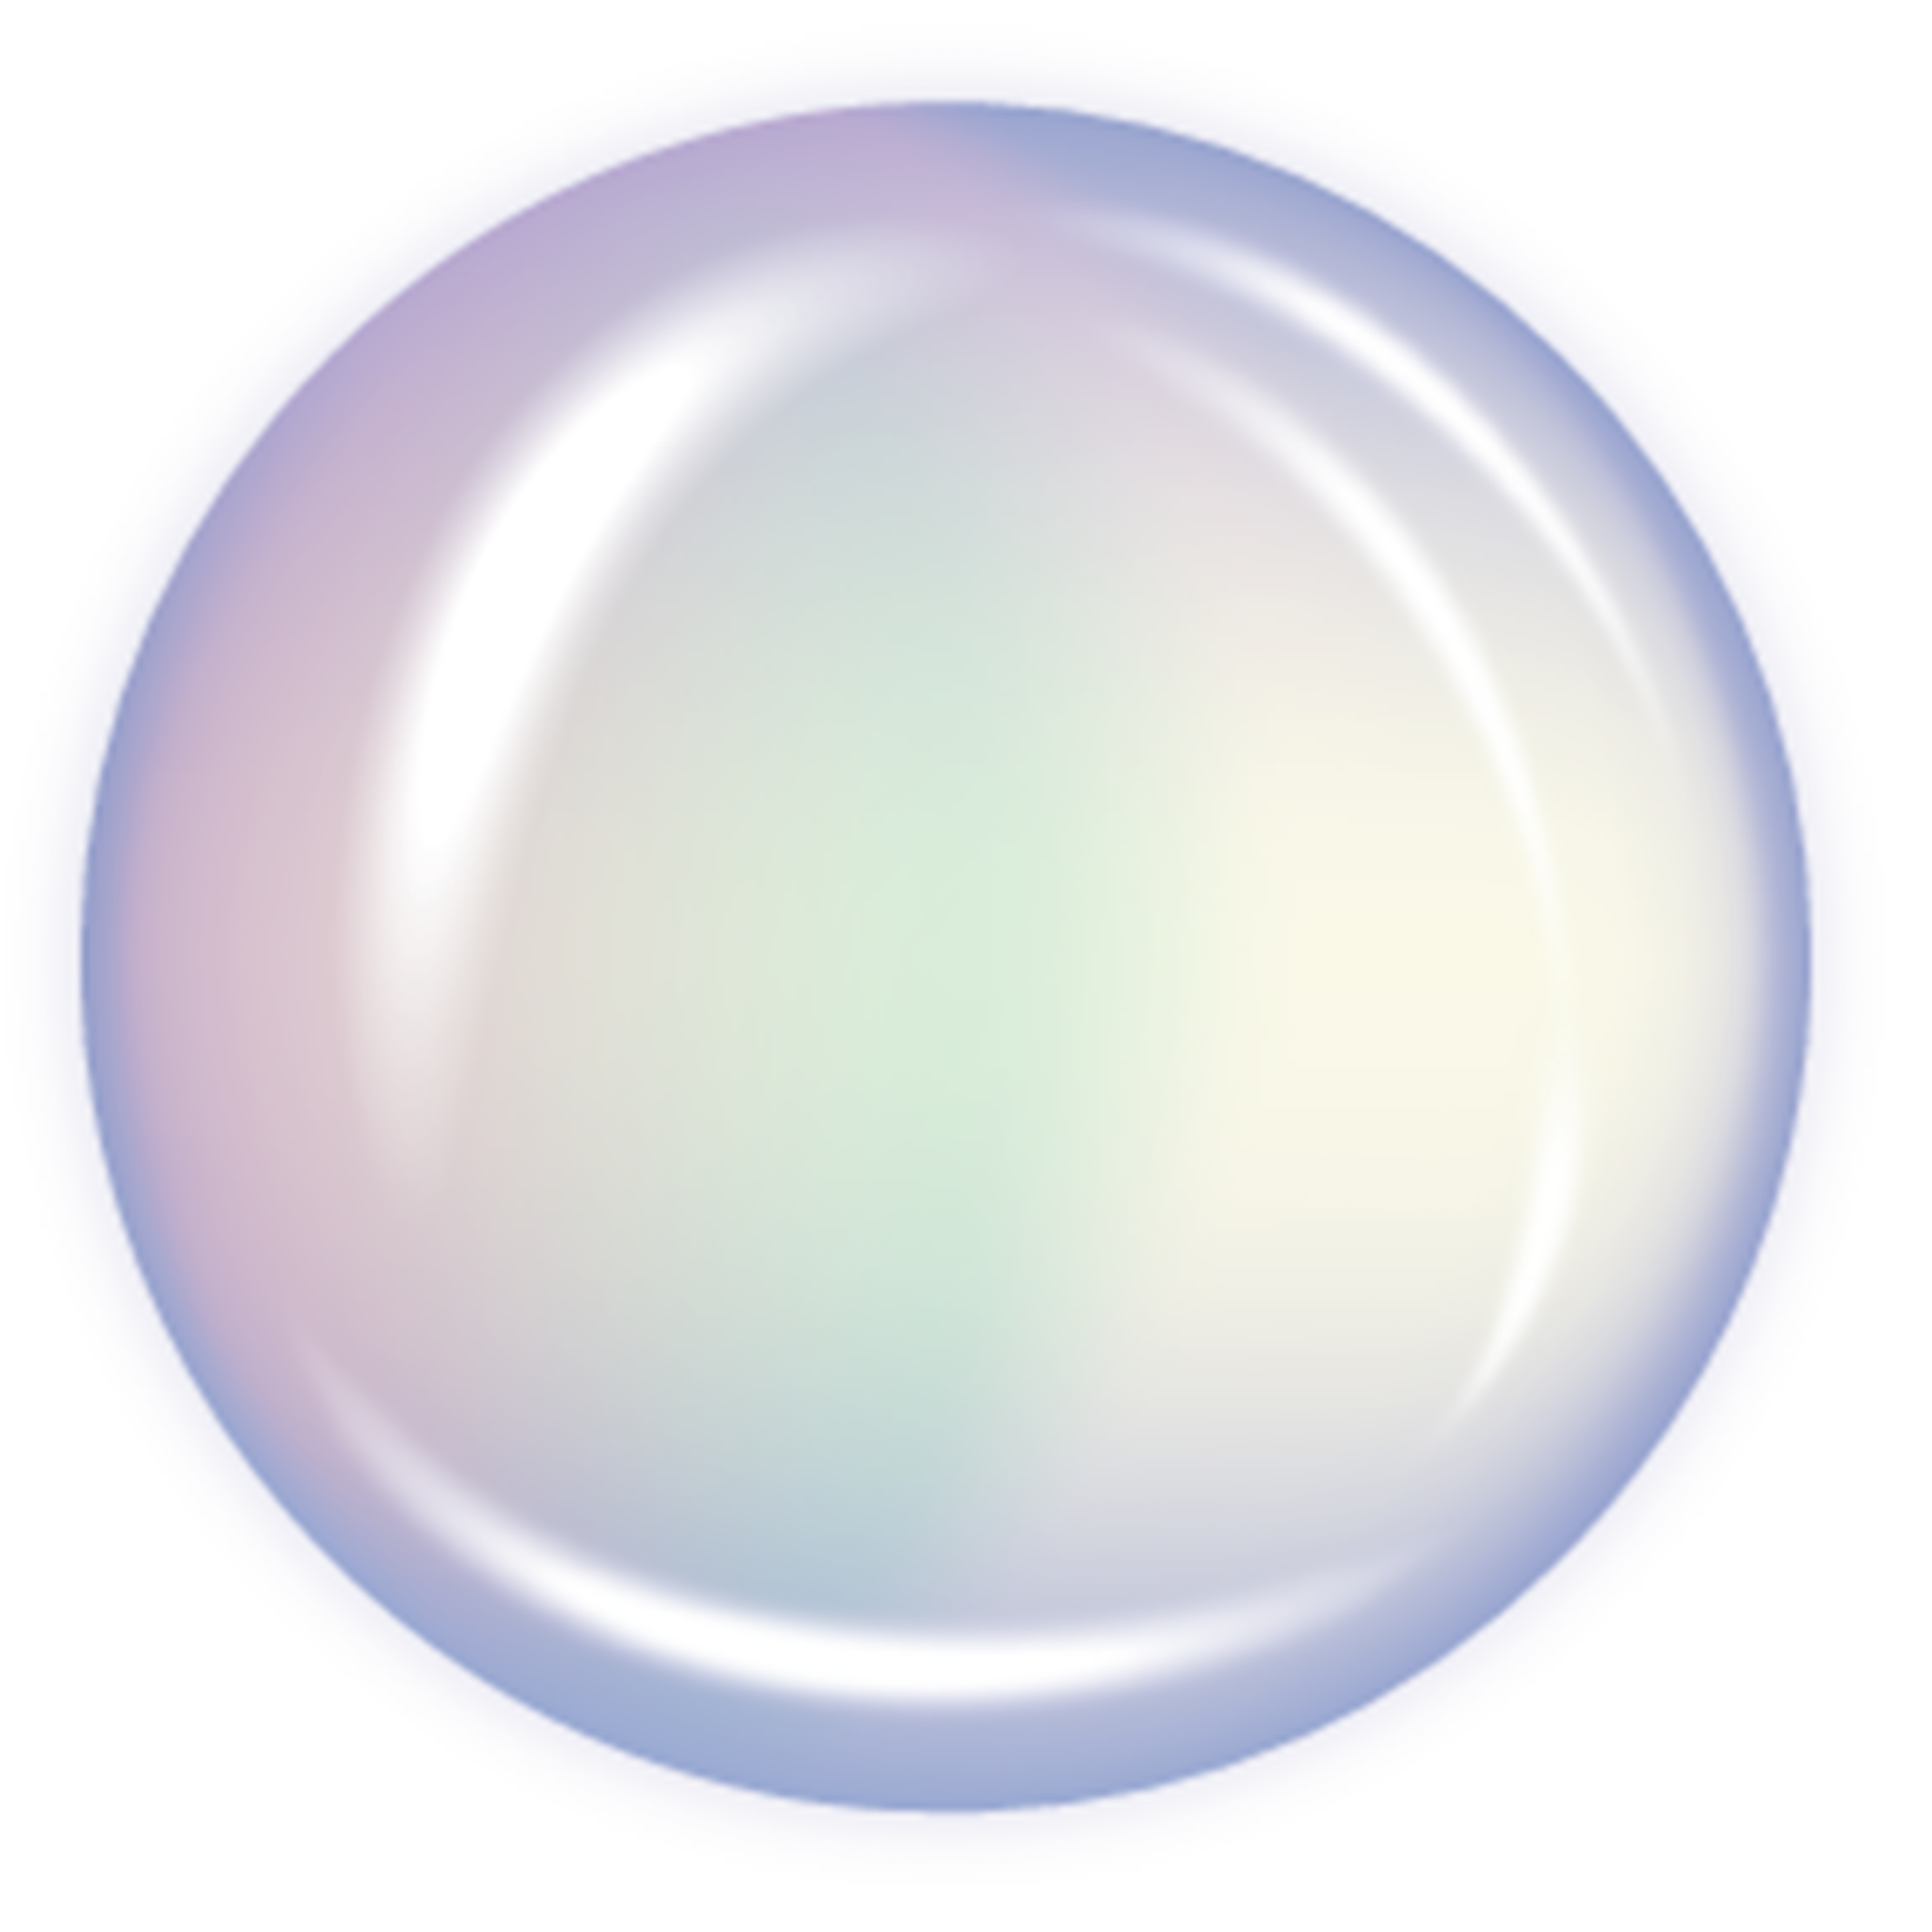 Transparent Bubble Clip Art.